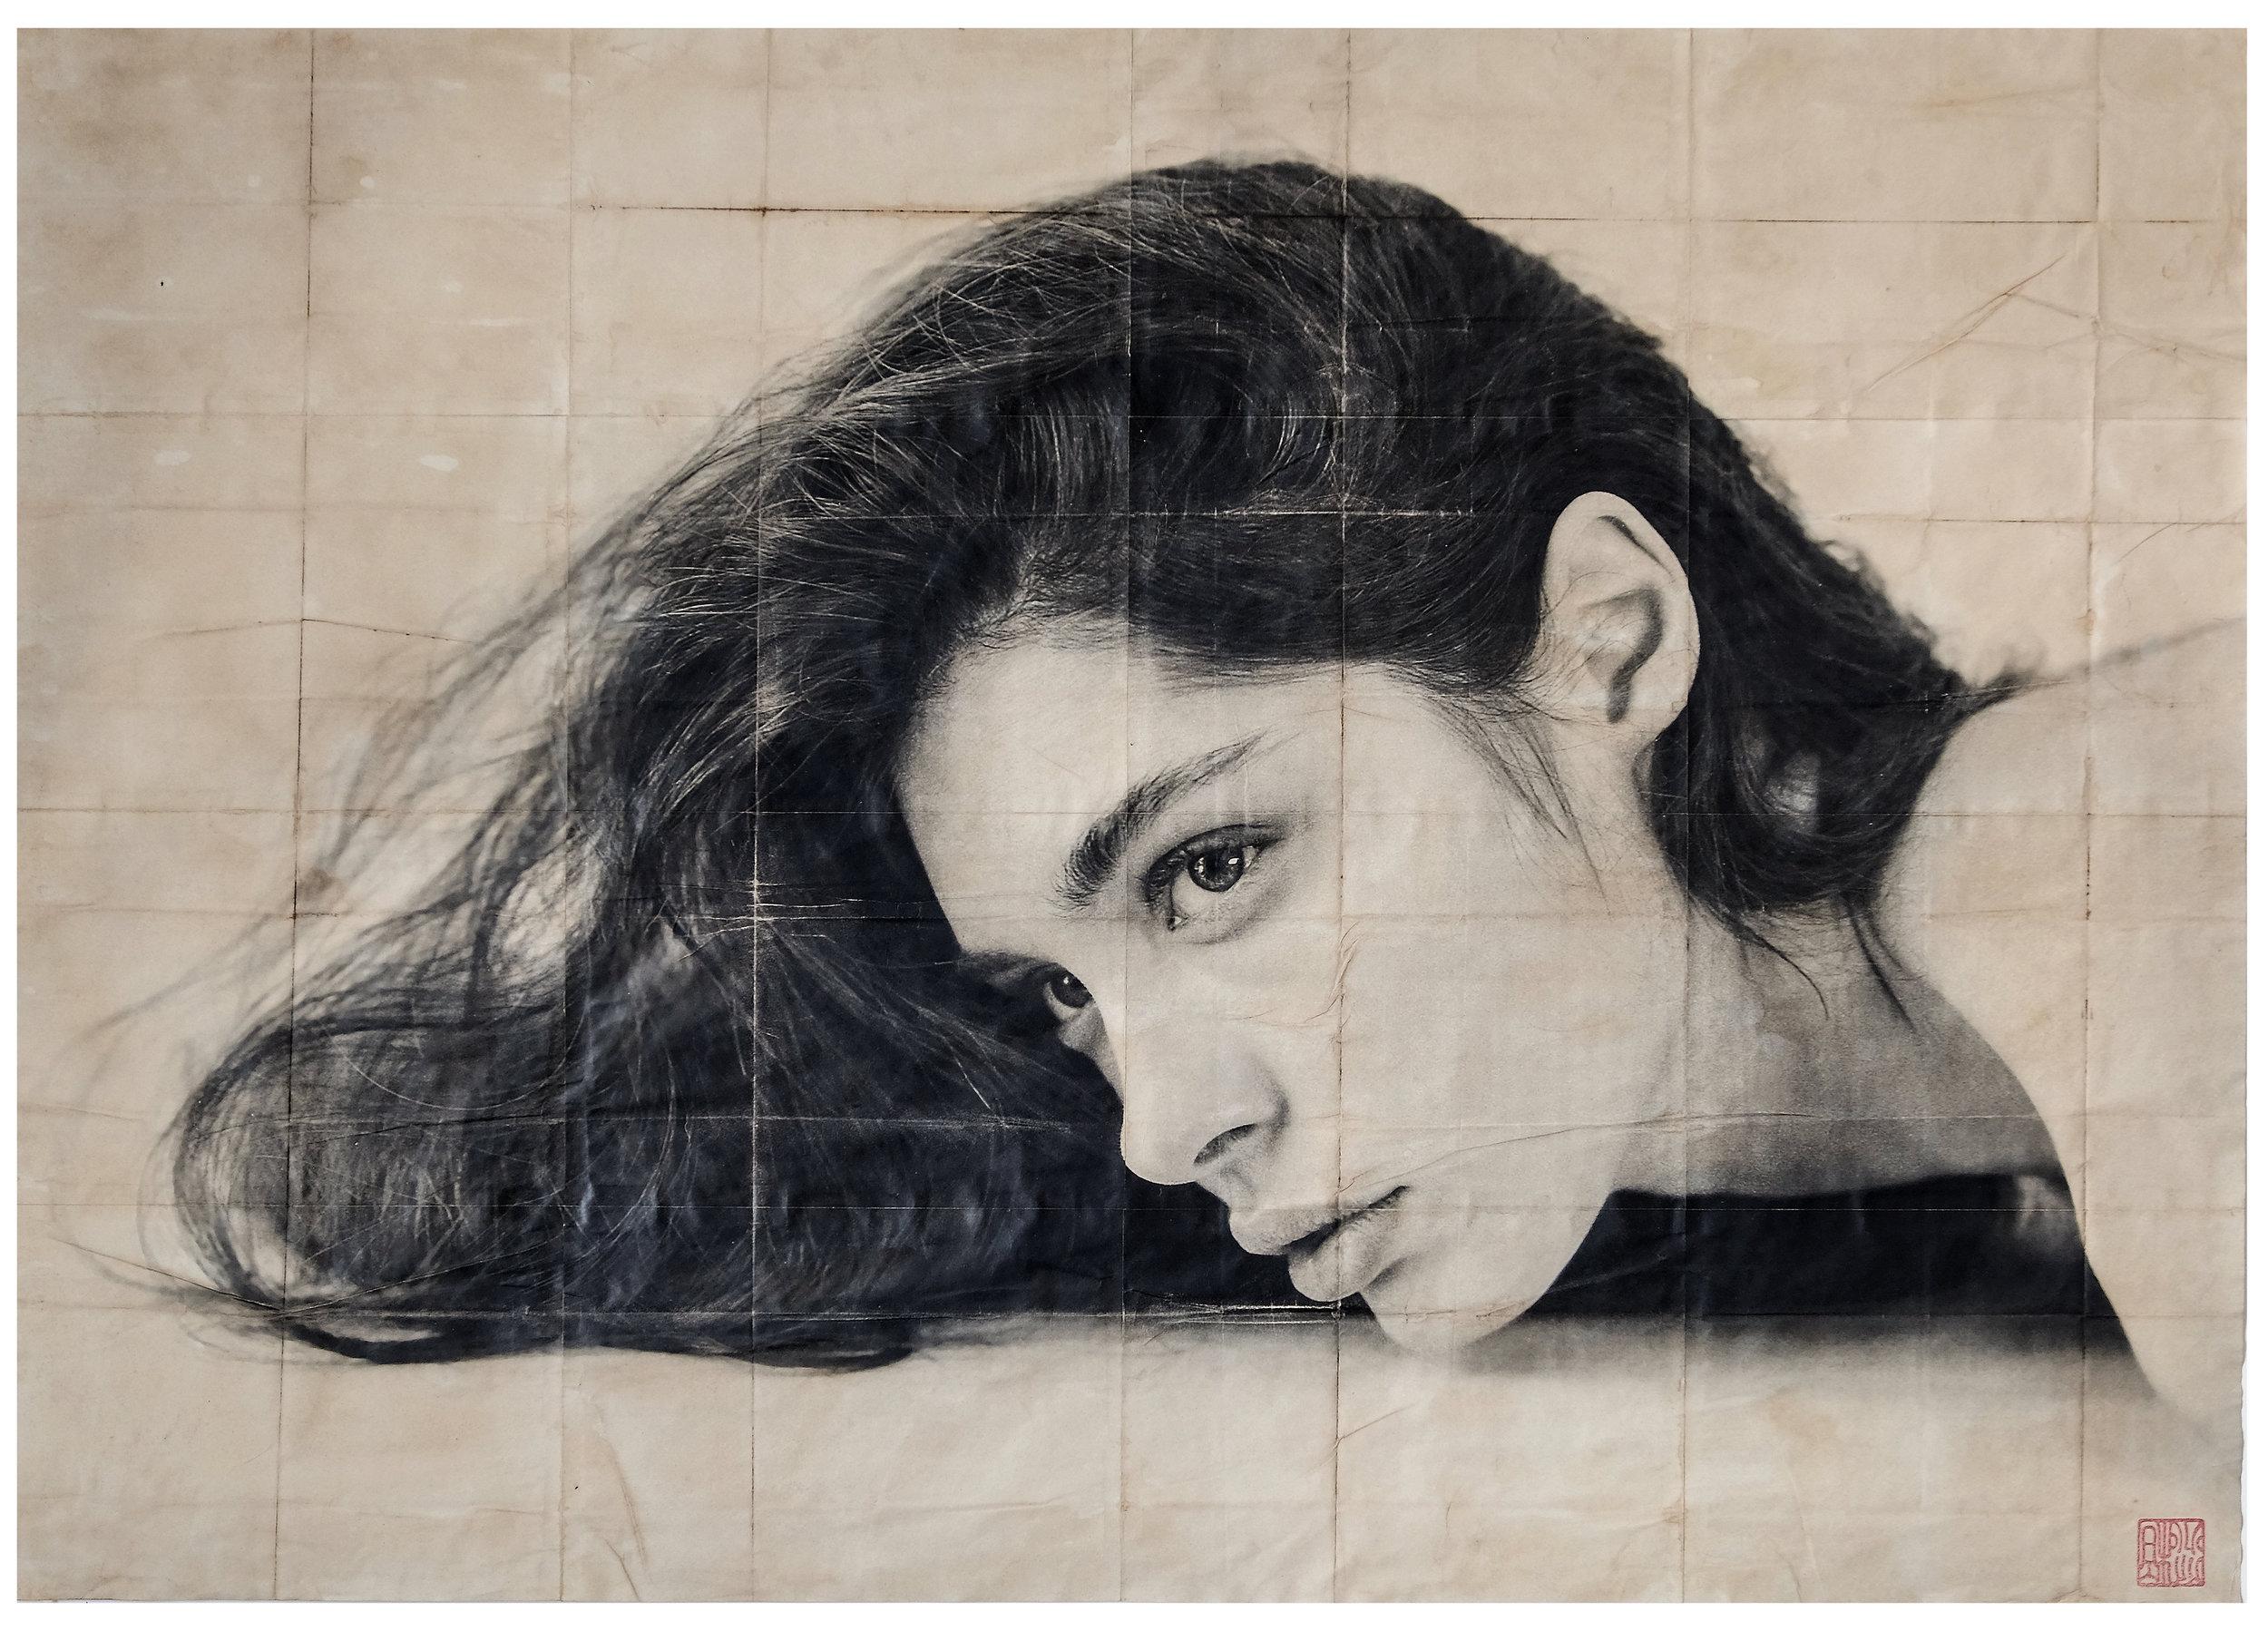 Silvia #004 by Patricio Reig